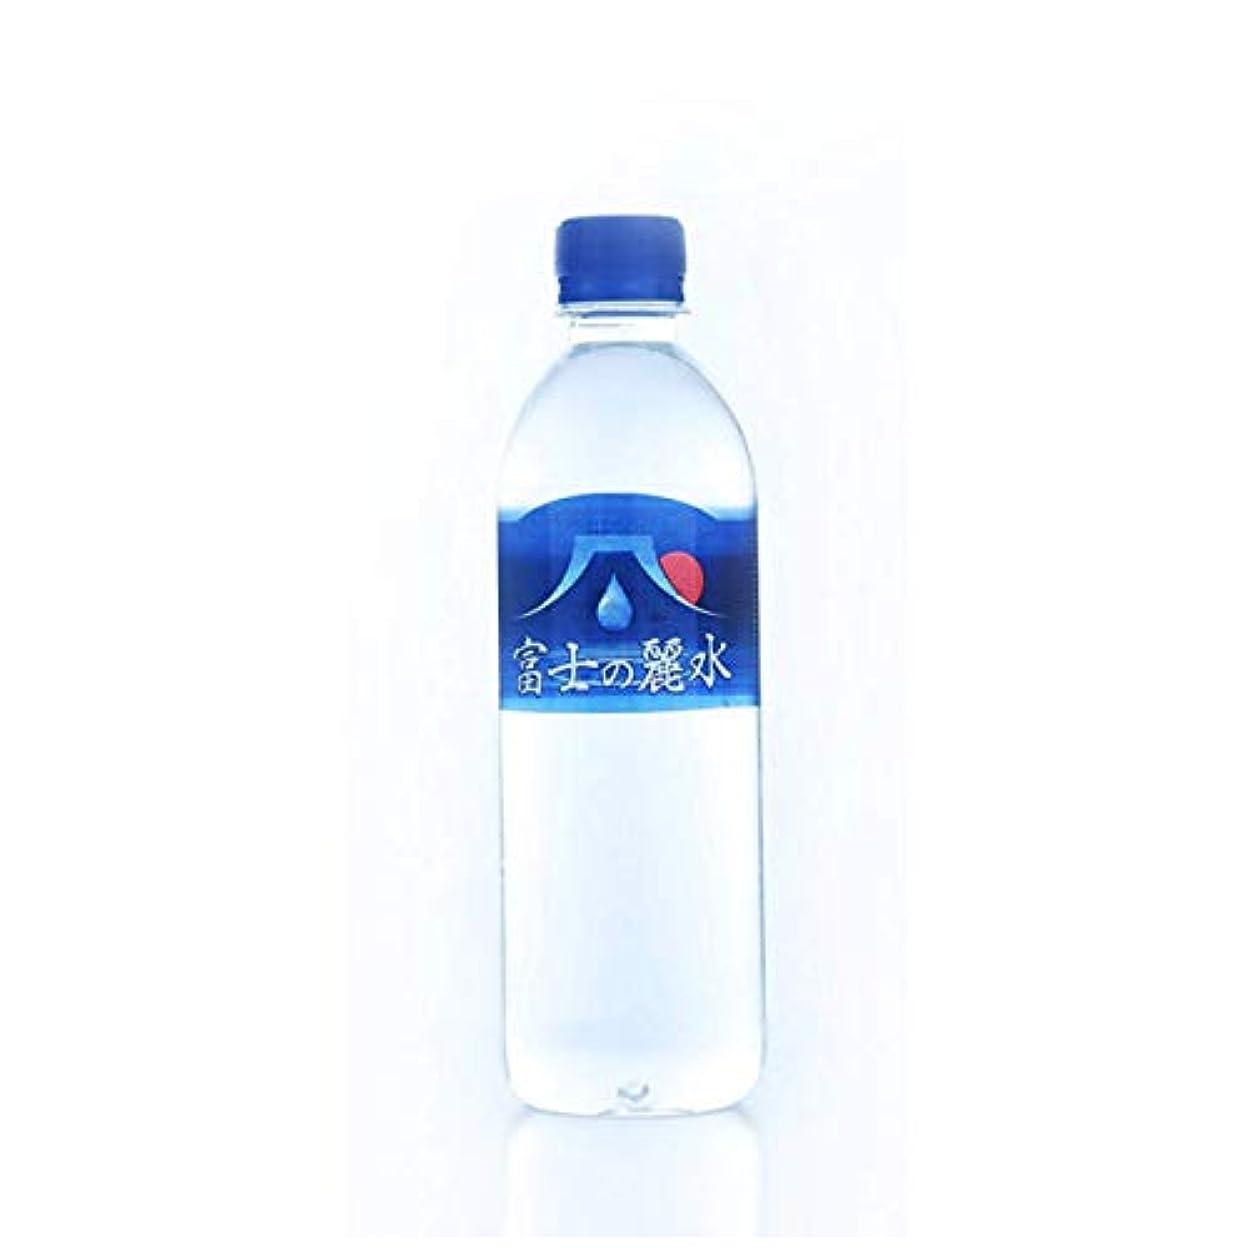 添加剤陰謀君主富士の麗水 500mlペットボトル×24本入×(2ケース)